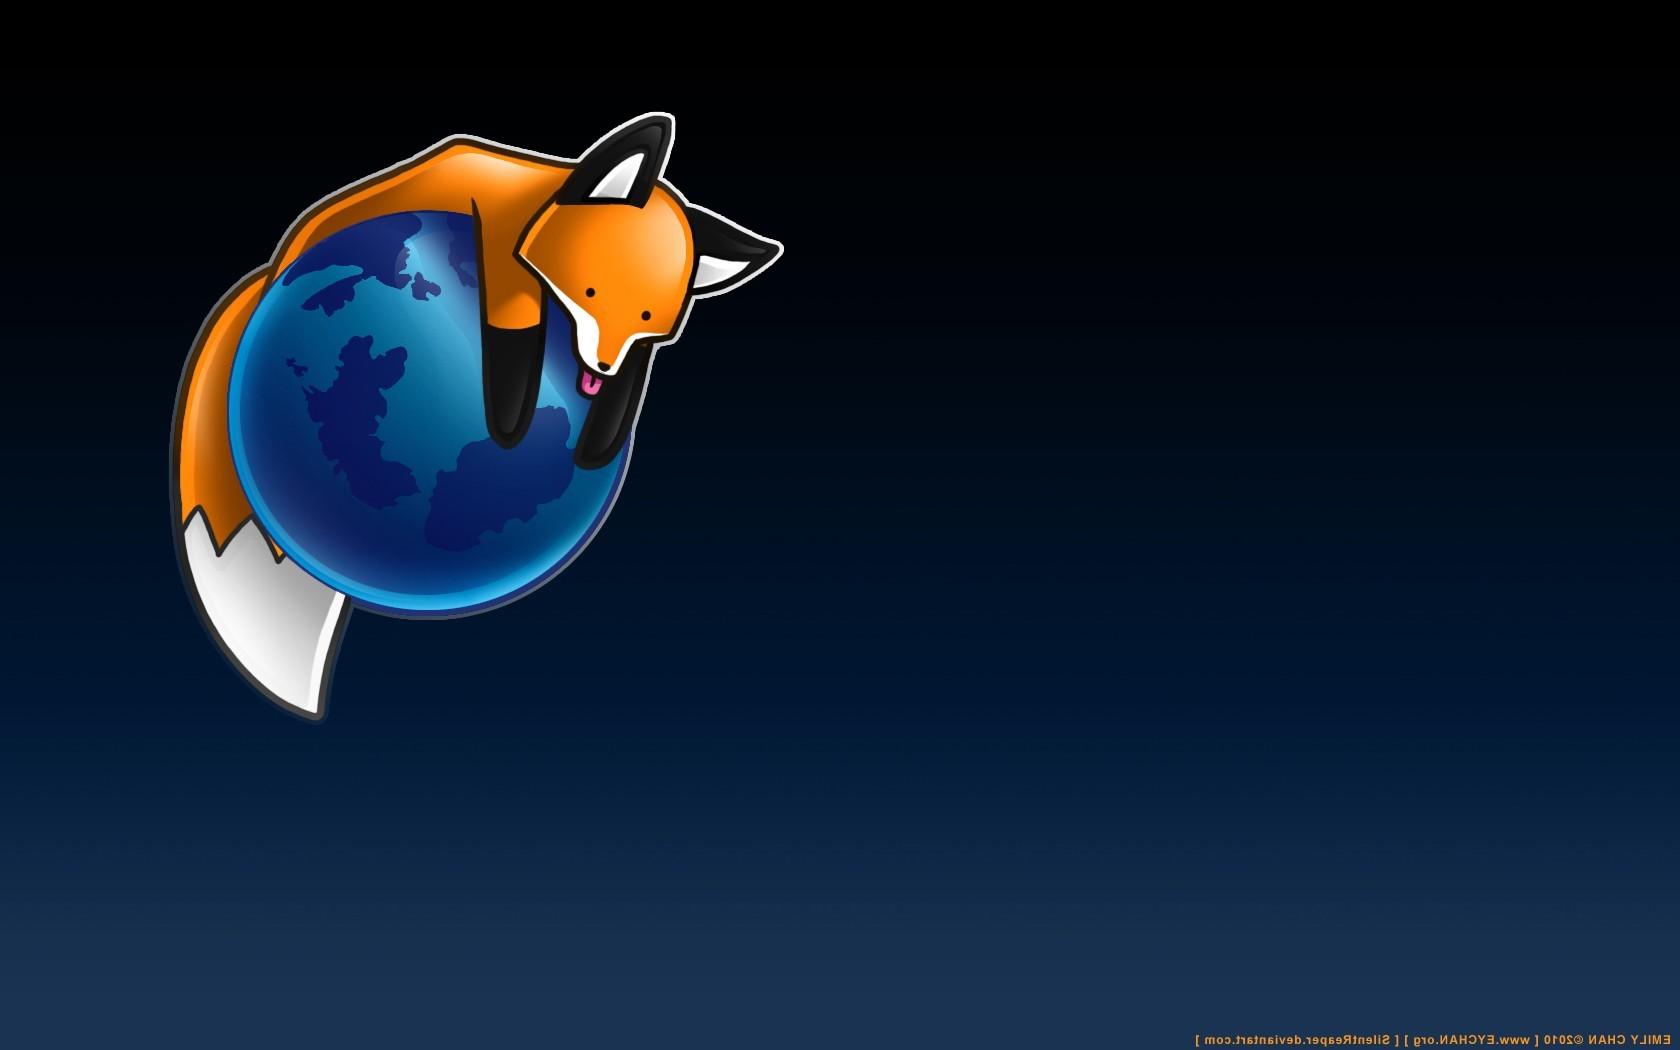 Sfondi illustrazione animali pianeta veicolo terra